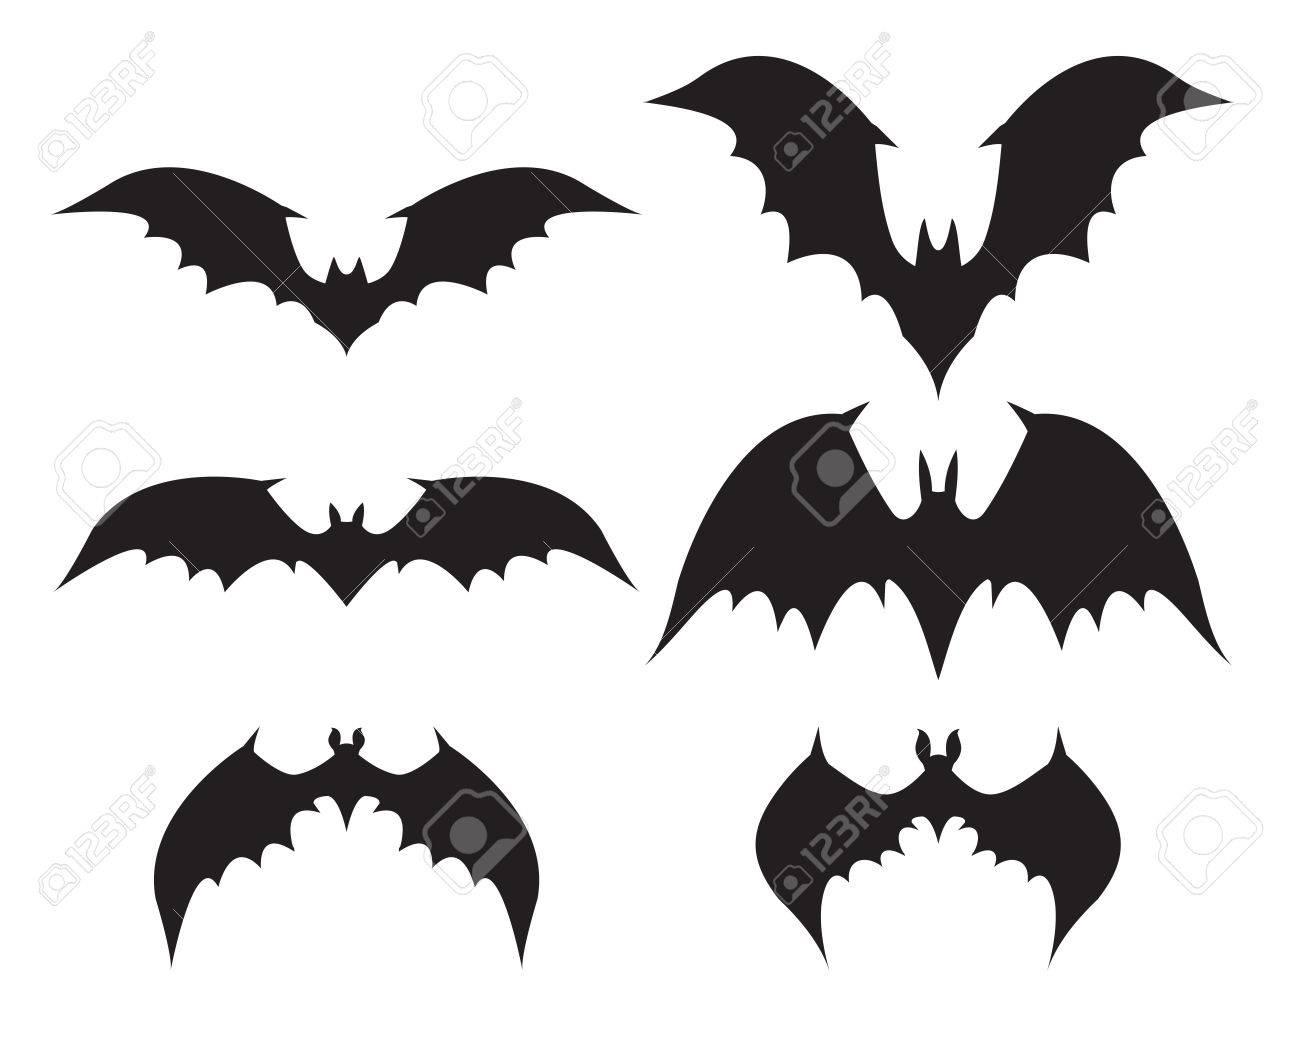 コウモリのシルエットに大きな翼ベクトルのイラスト素材ベクタ Image